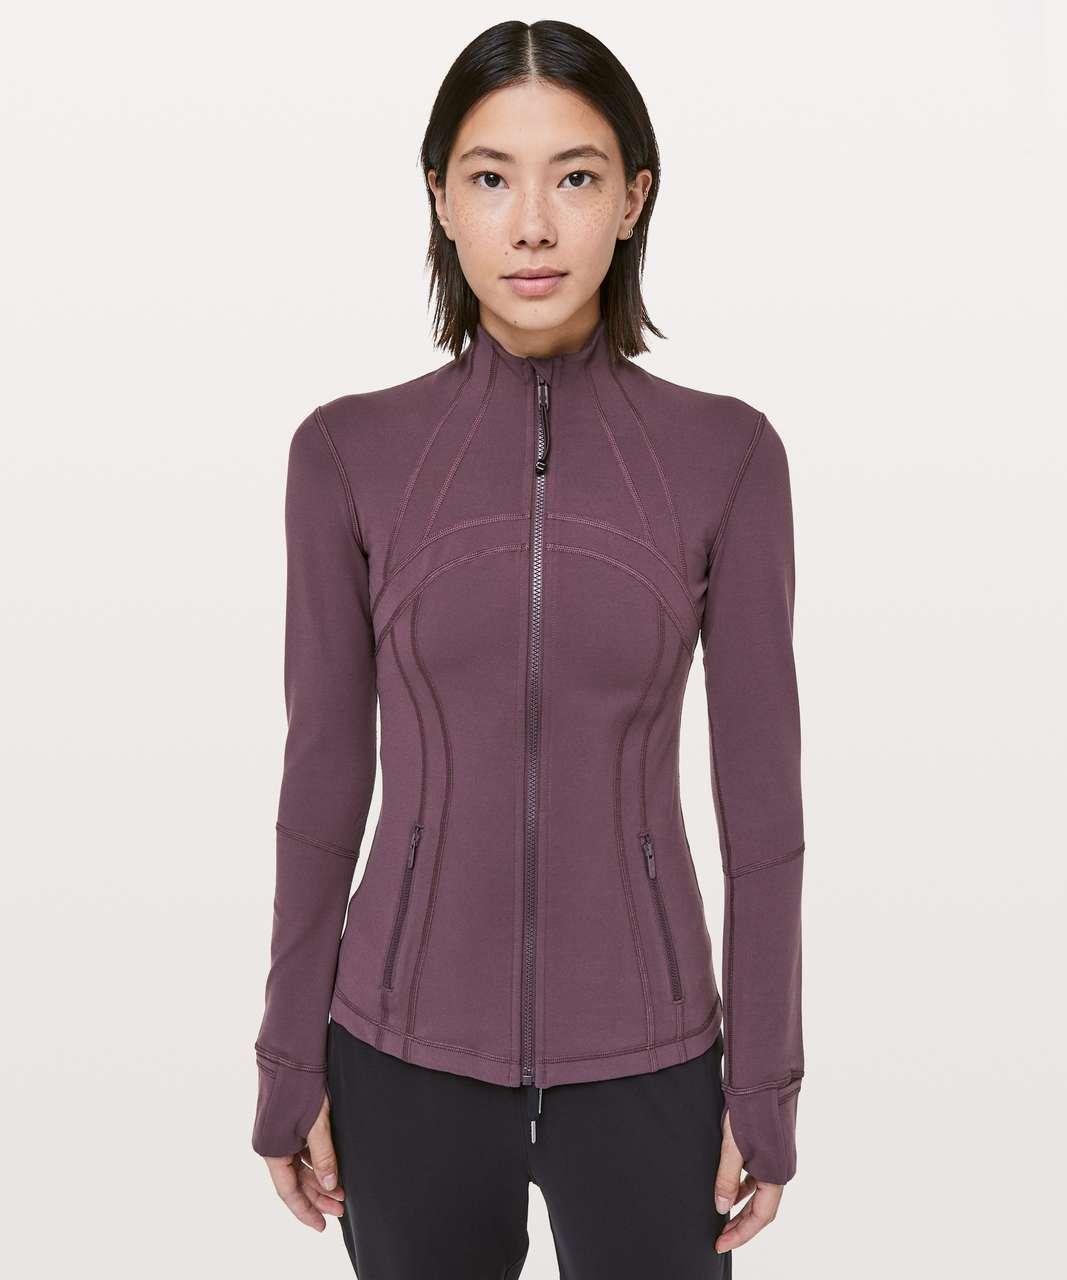 Lululemon Define Jacket - Arctic Plum